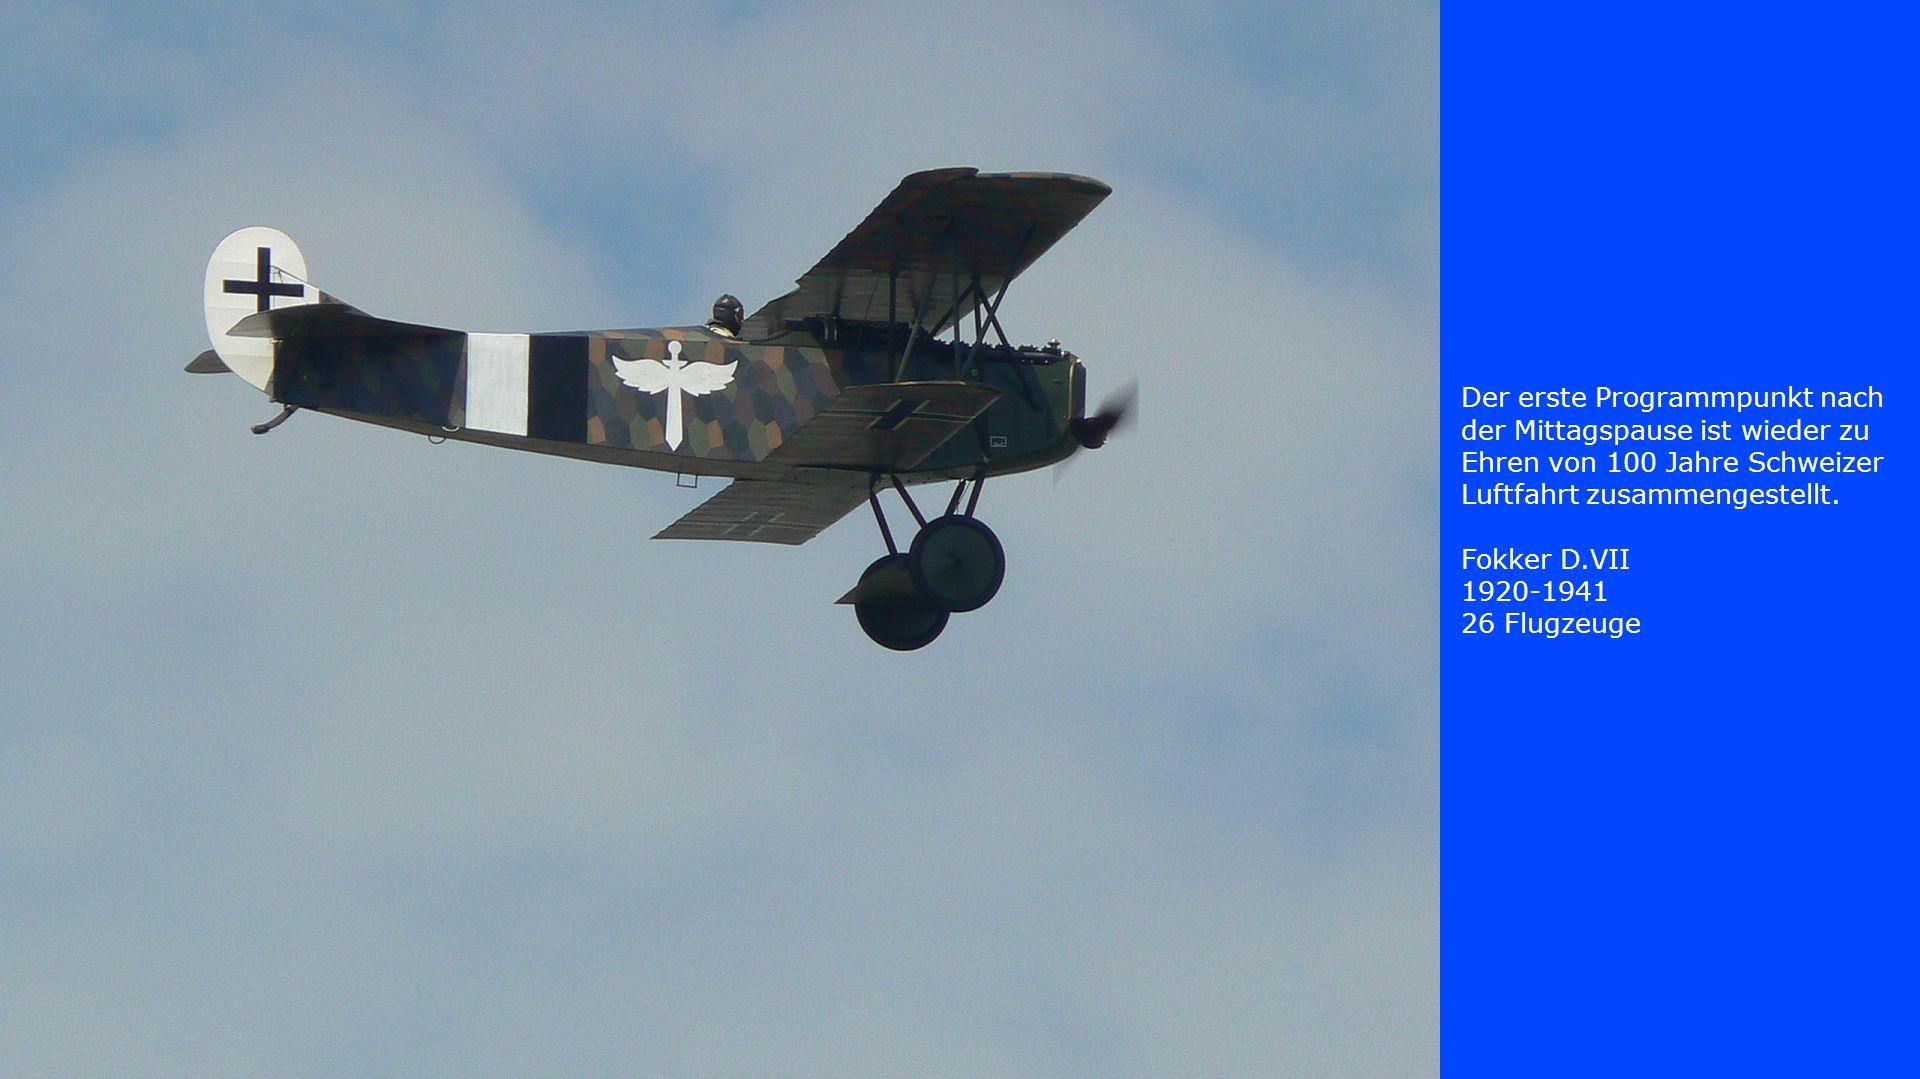 Der erste Programmpunkt nach der Mittagspause ist wieder zu Ehren von 100 Jahre Schweizer Luftfahrt zusammengestellt. Fokker D.VII 1920-1941 26 Flugze